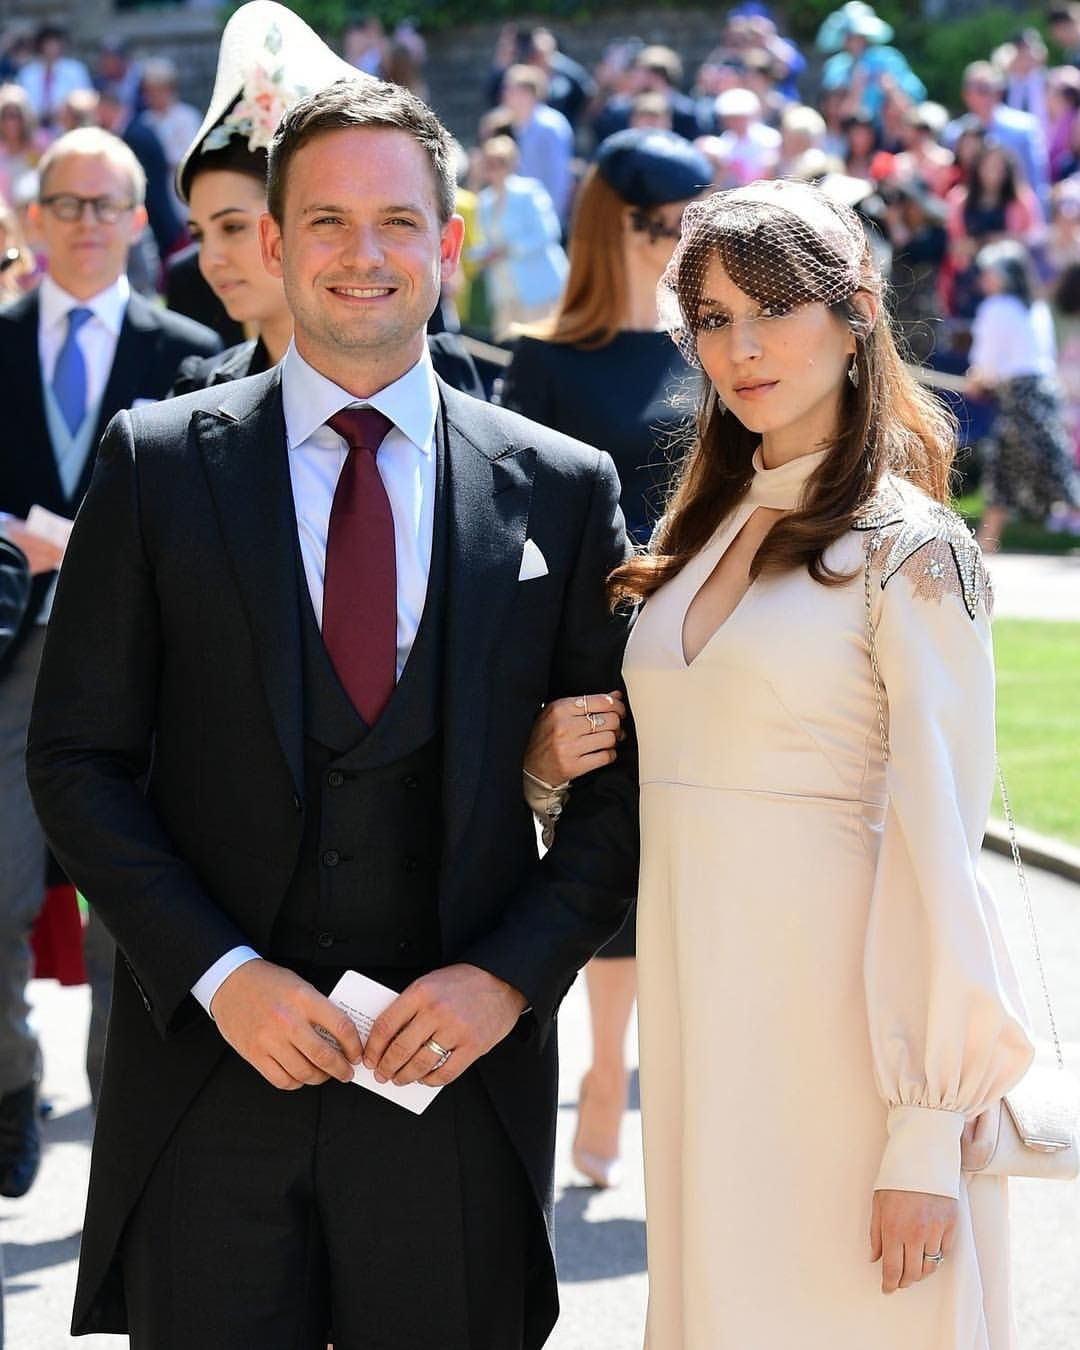 Herzogin Meghan Prinz Harry Die Schonsten Fotos Ihrer Hochzeit Prinz Harry Hochzeit Meghan Markle Stil Hochzeitsportraits